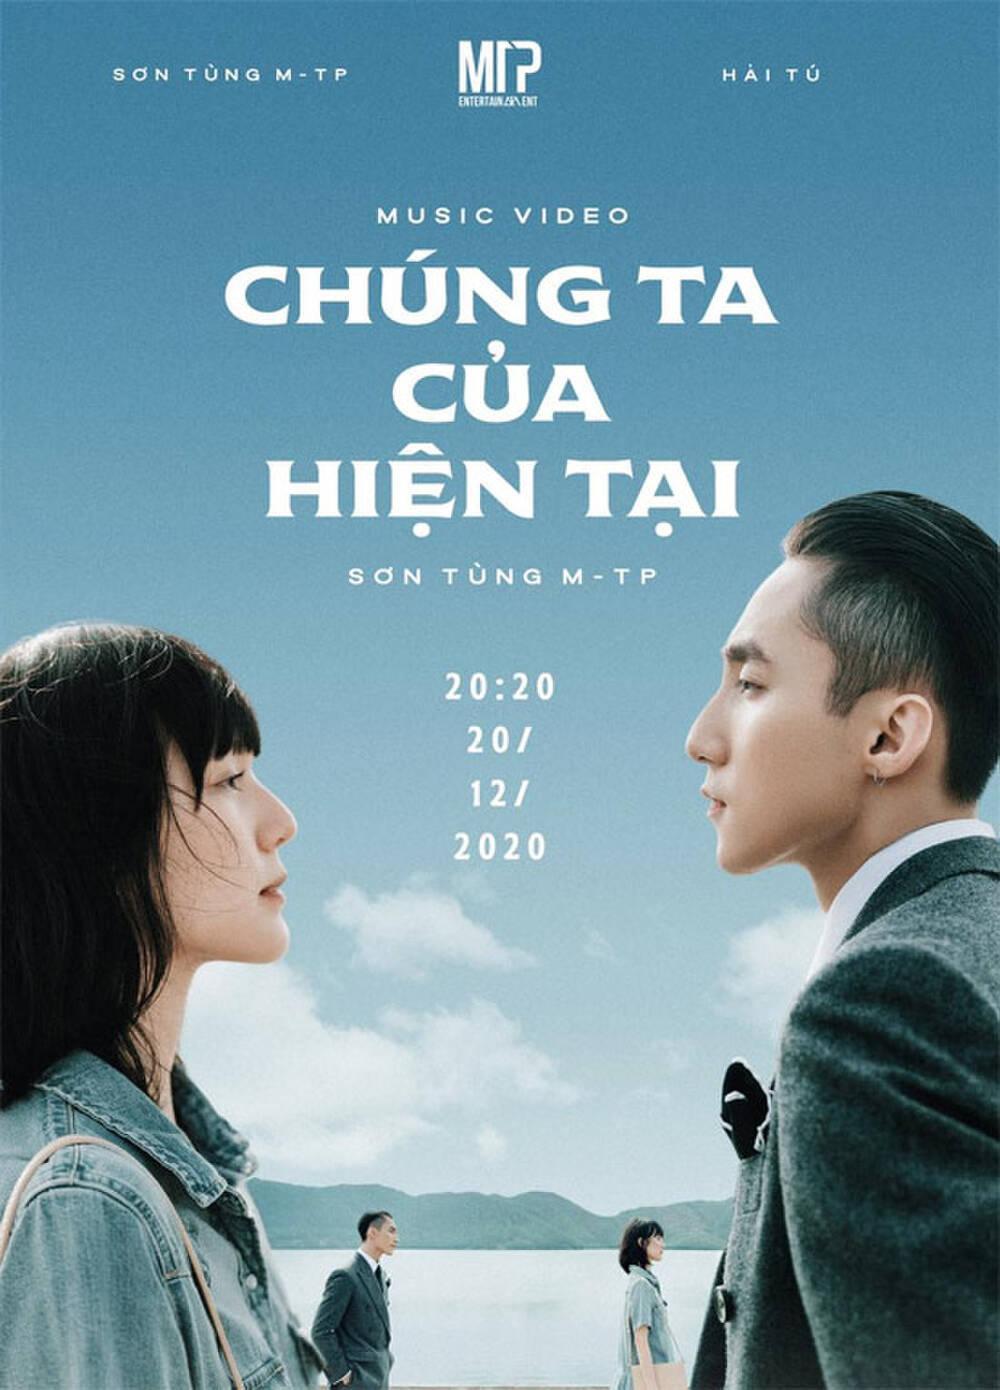 MV Chúng Ta Của Hiện Tại của Sơn Tùng M-TP đón thành tích không vui giữa ồn ào drama tình cảm Ảnh 1